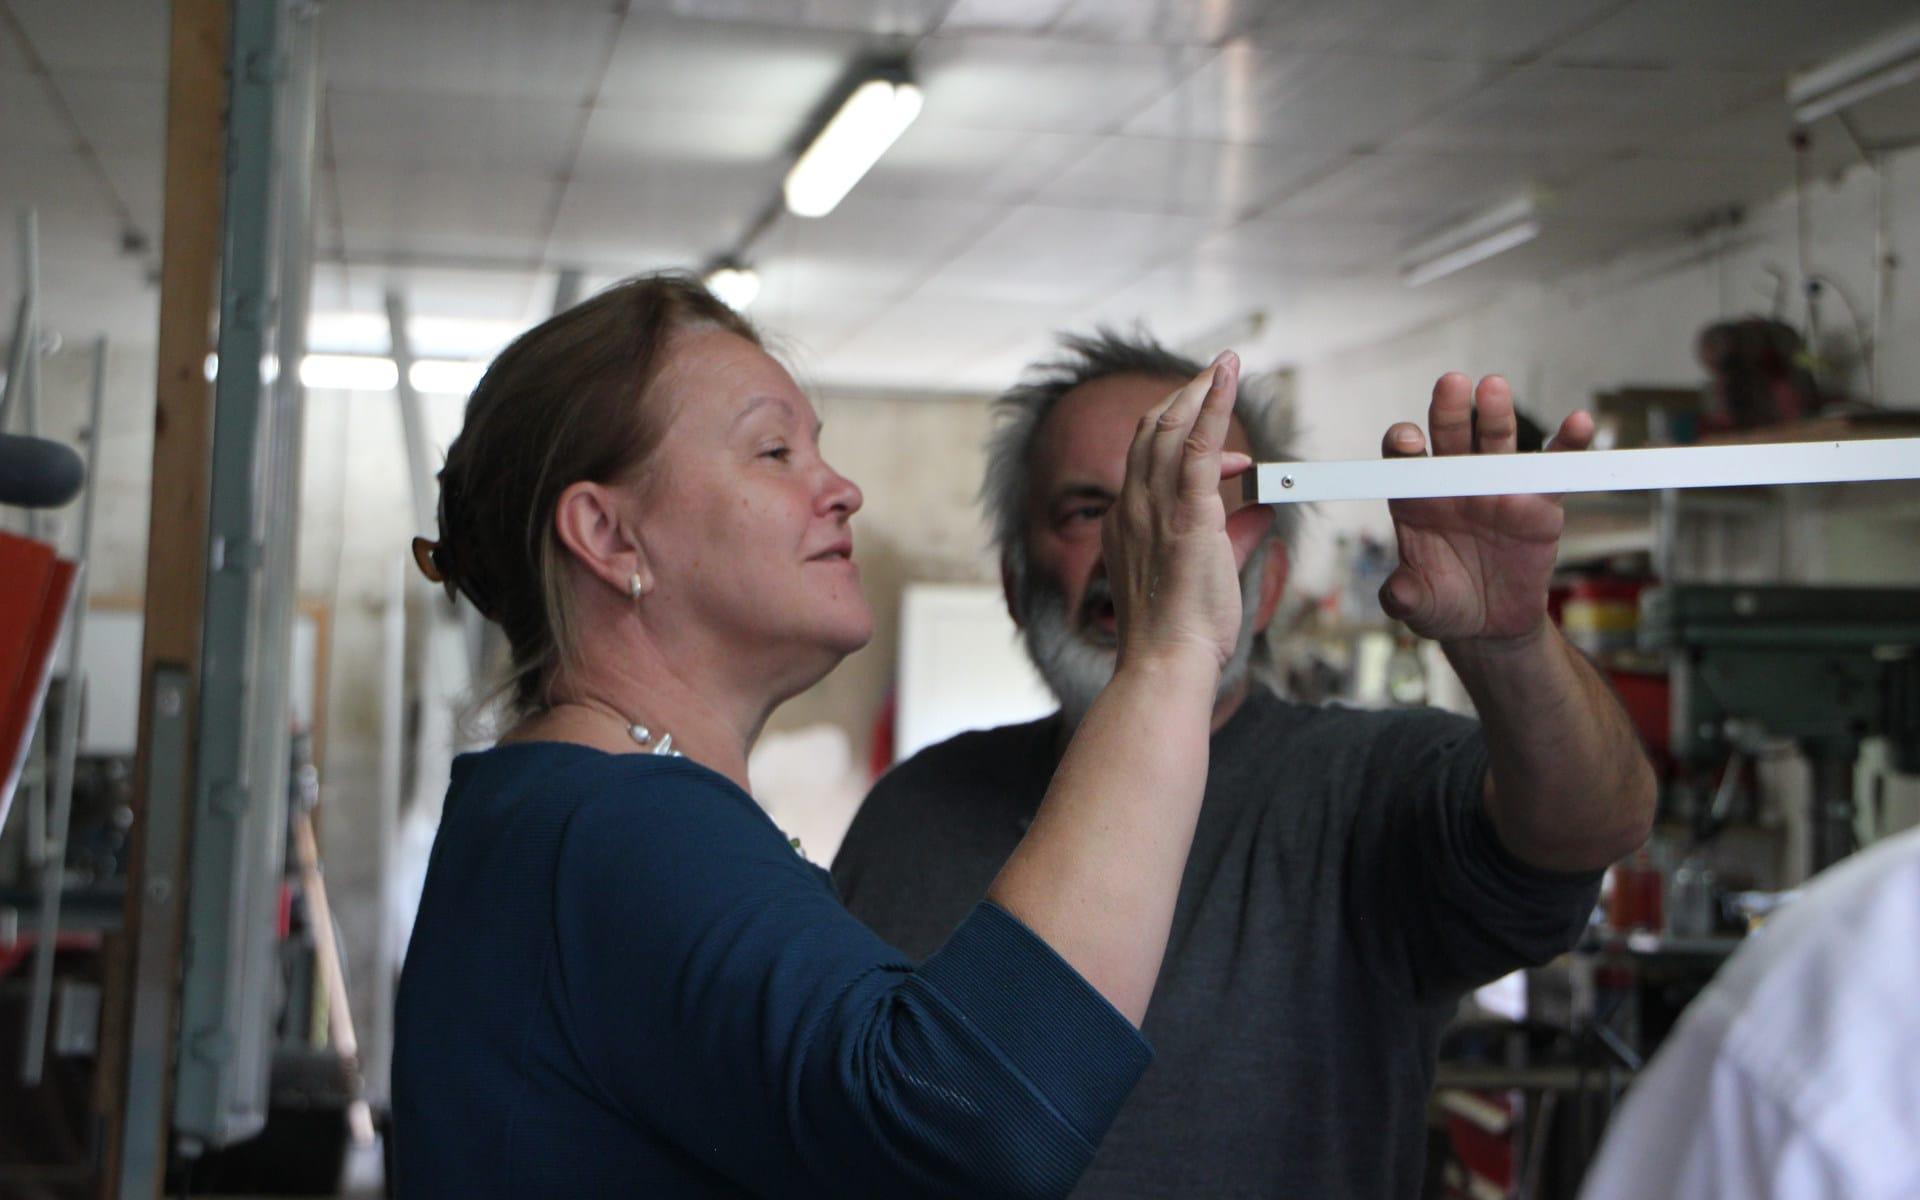 Kunsttour Betzin-Brunne - Michael Hischer zeigt einem Gast seine Arbeit in der Werkstatt